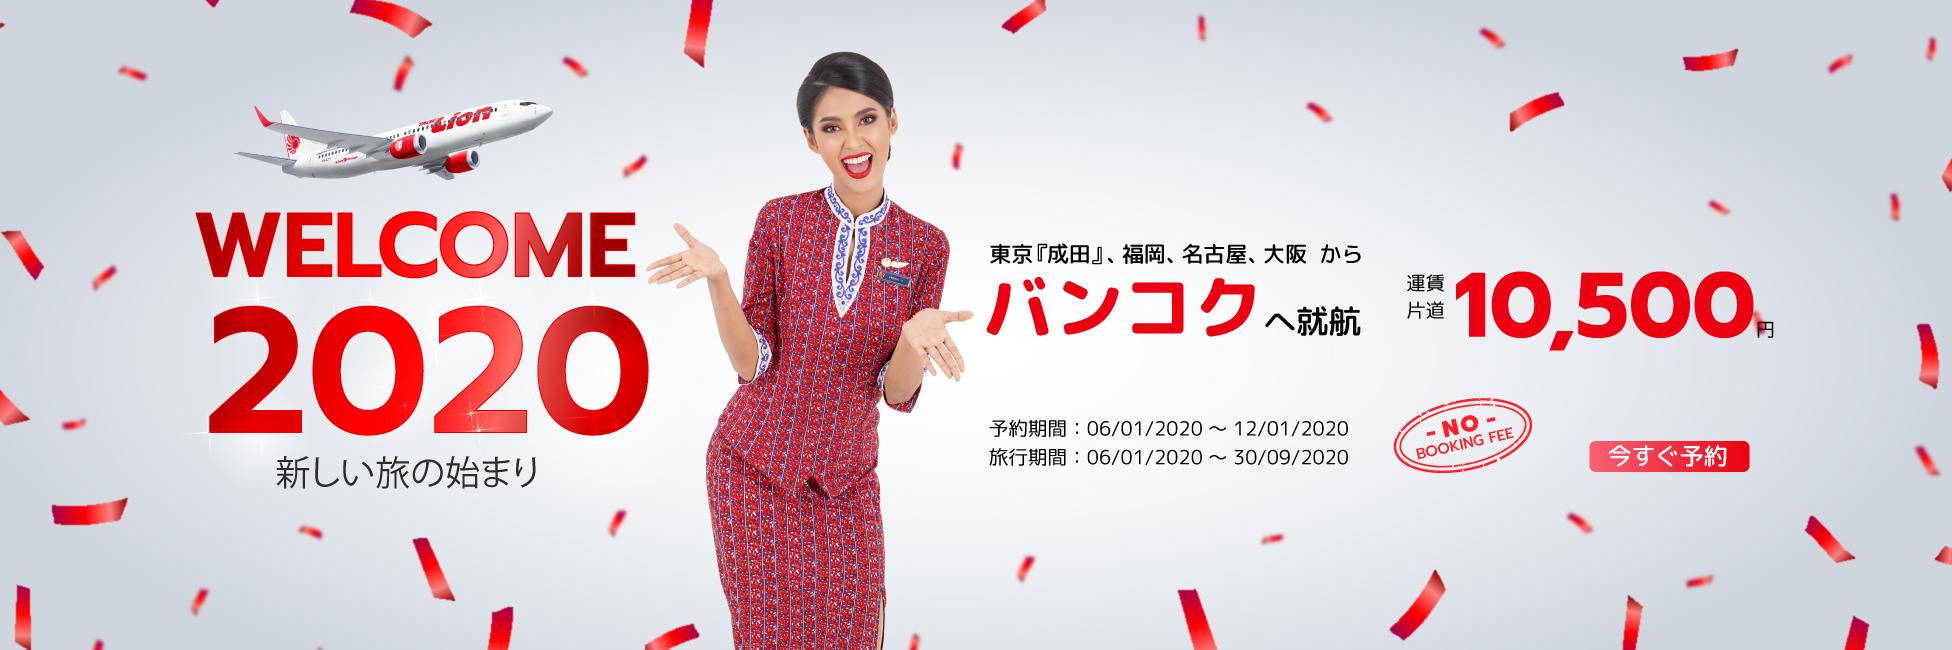 タイライオンエアの「Welcome 2020 新しい旅の始まり」セール